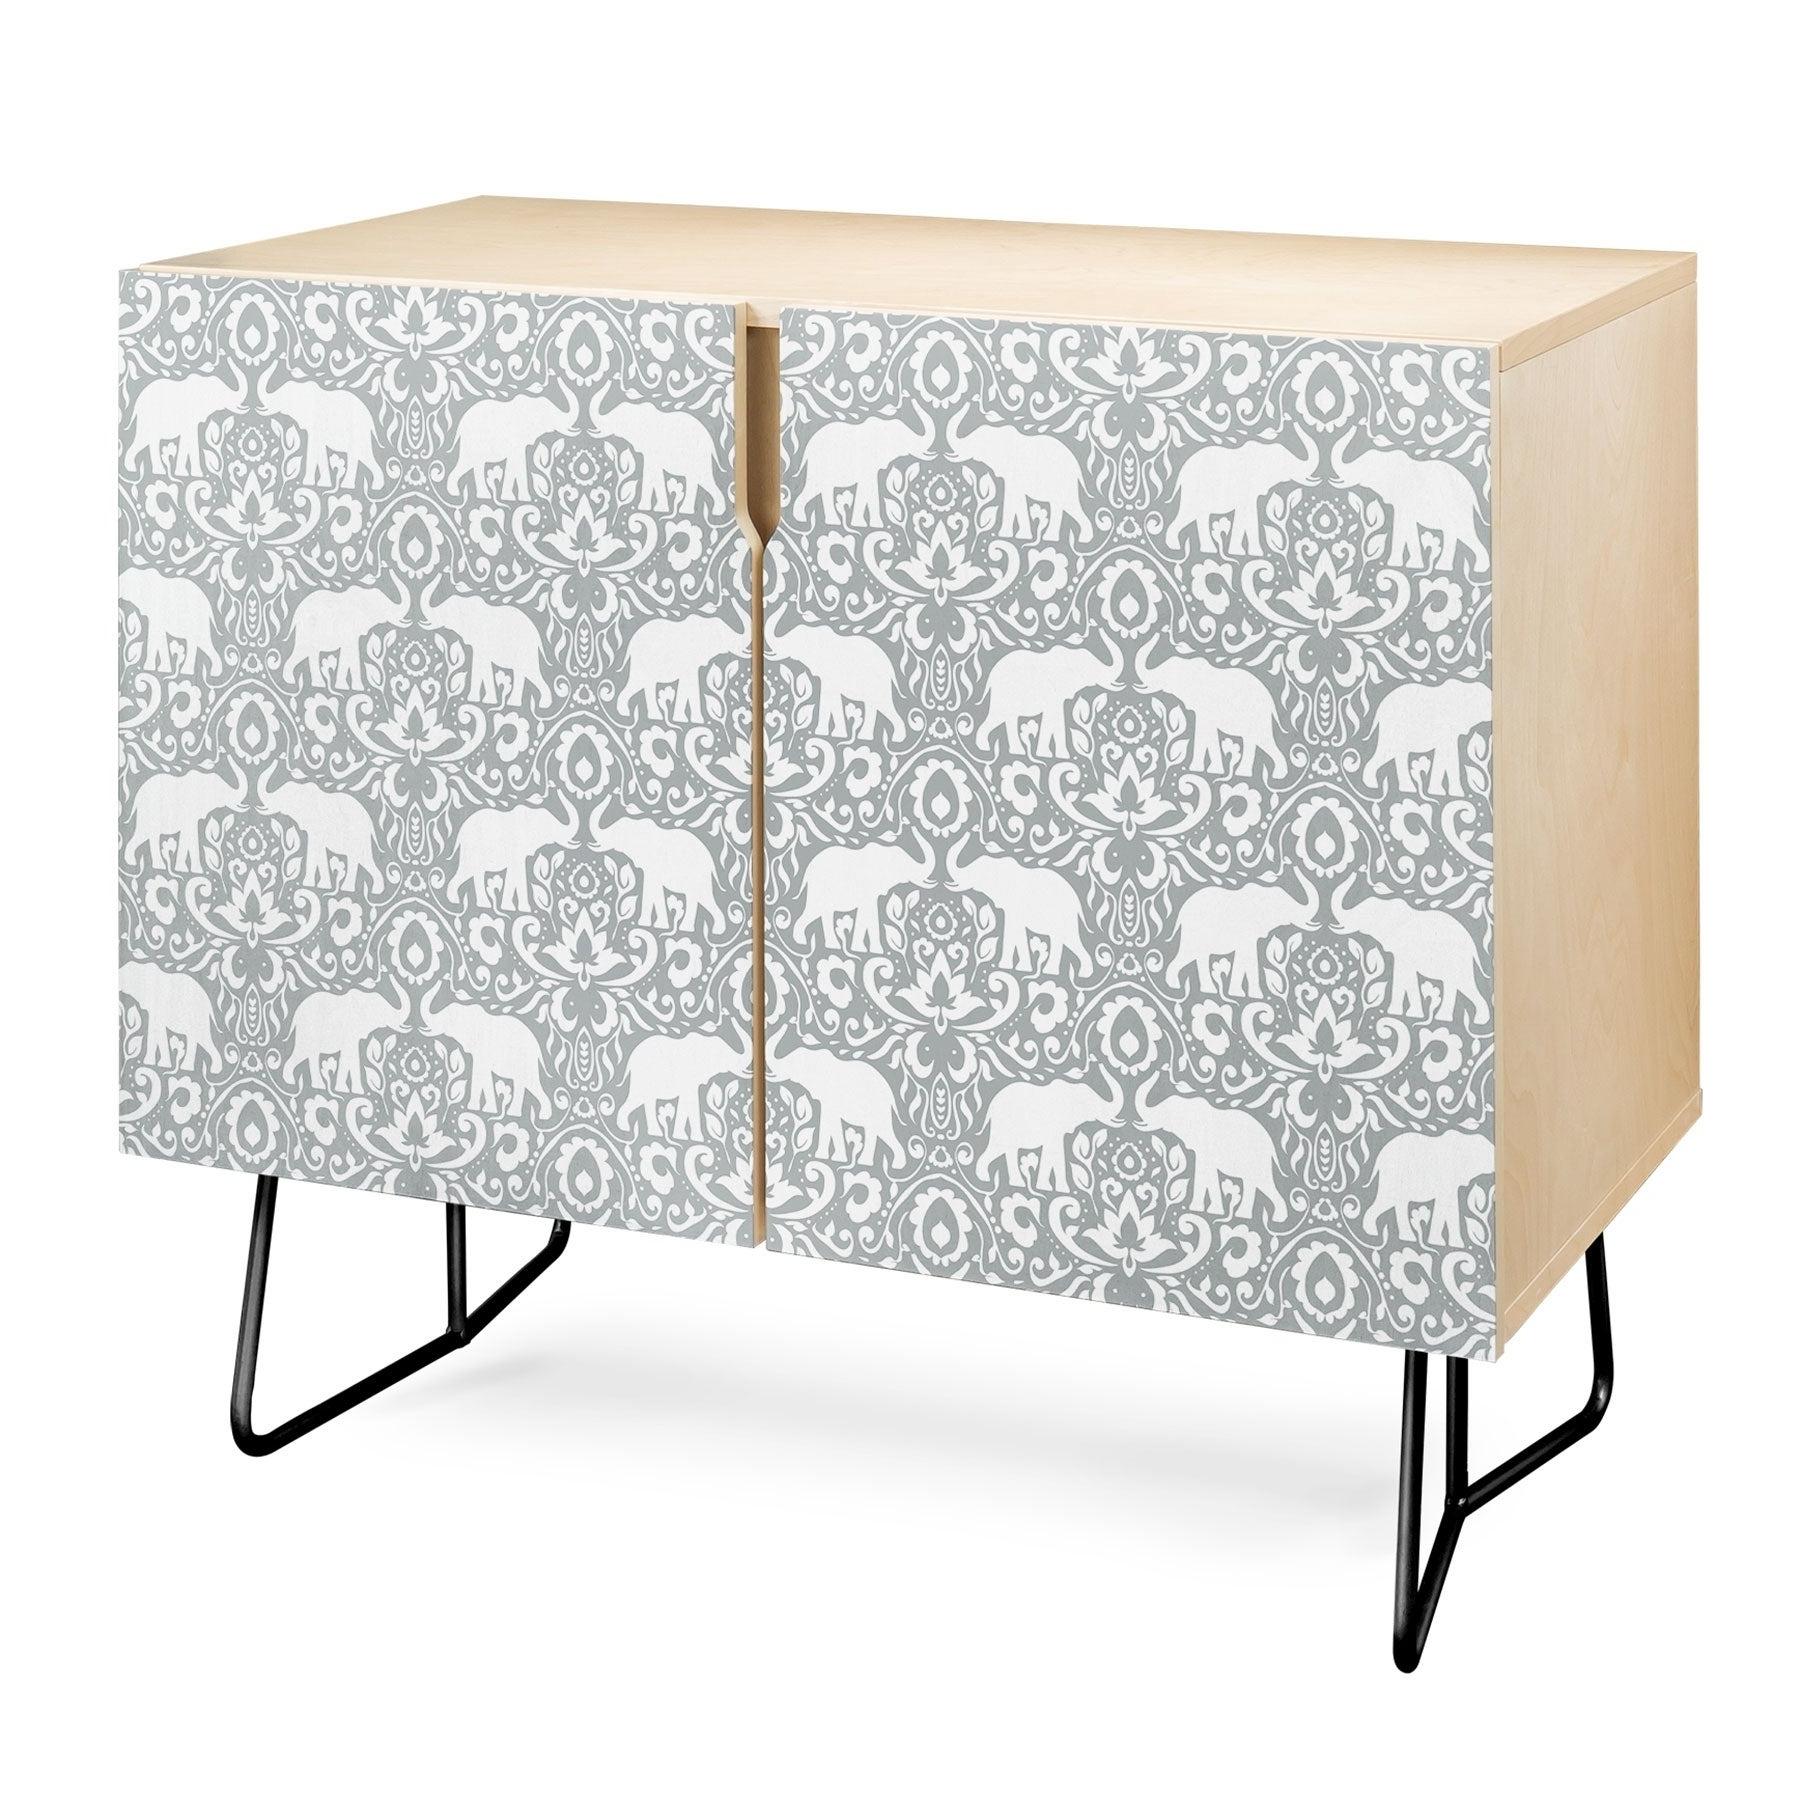 Deny Designs Elephant Damask Paloma Credenza (Birch Or Walnut, 2 Leg  Options) Pertaining To Elephant Damask Paloma Credenzas (View 2 of 20)